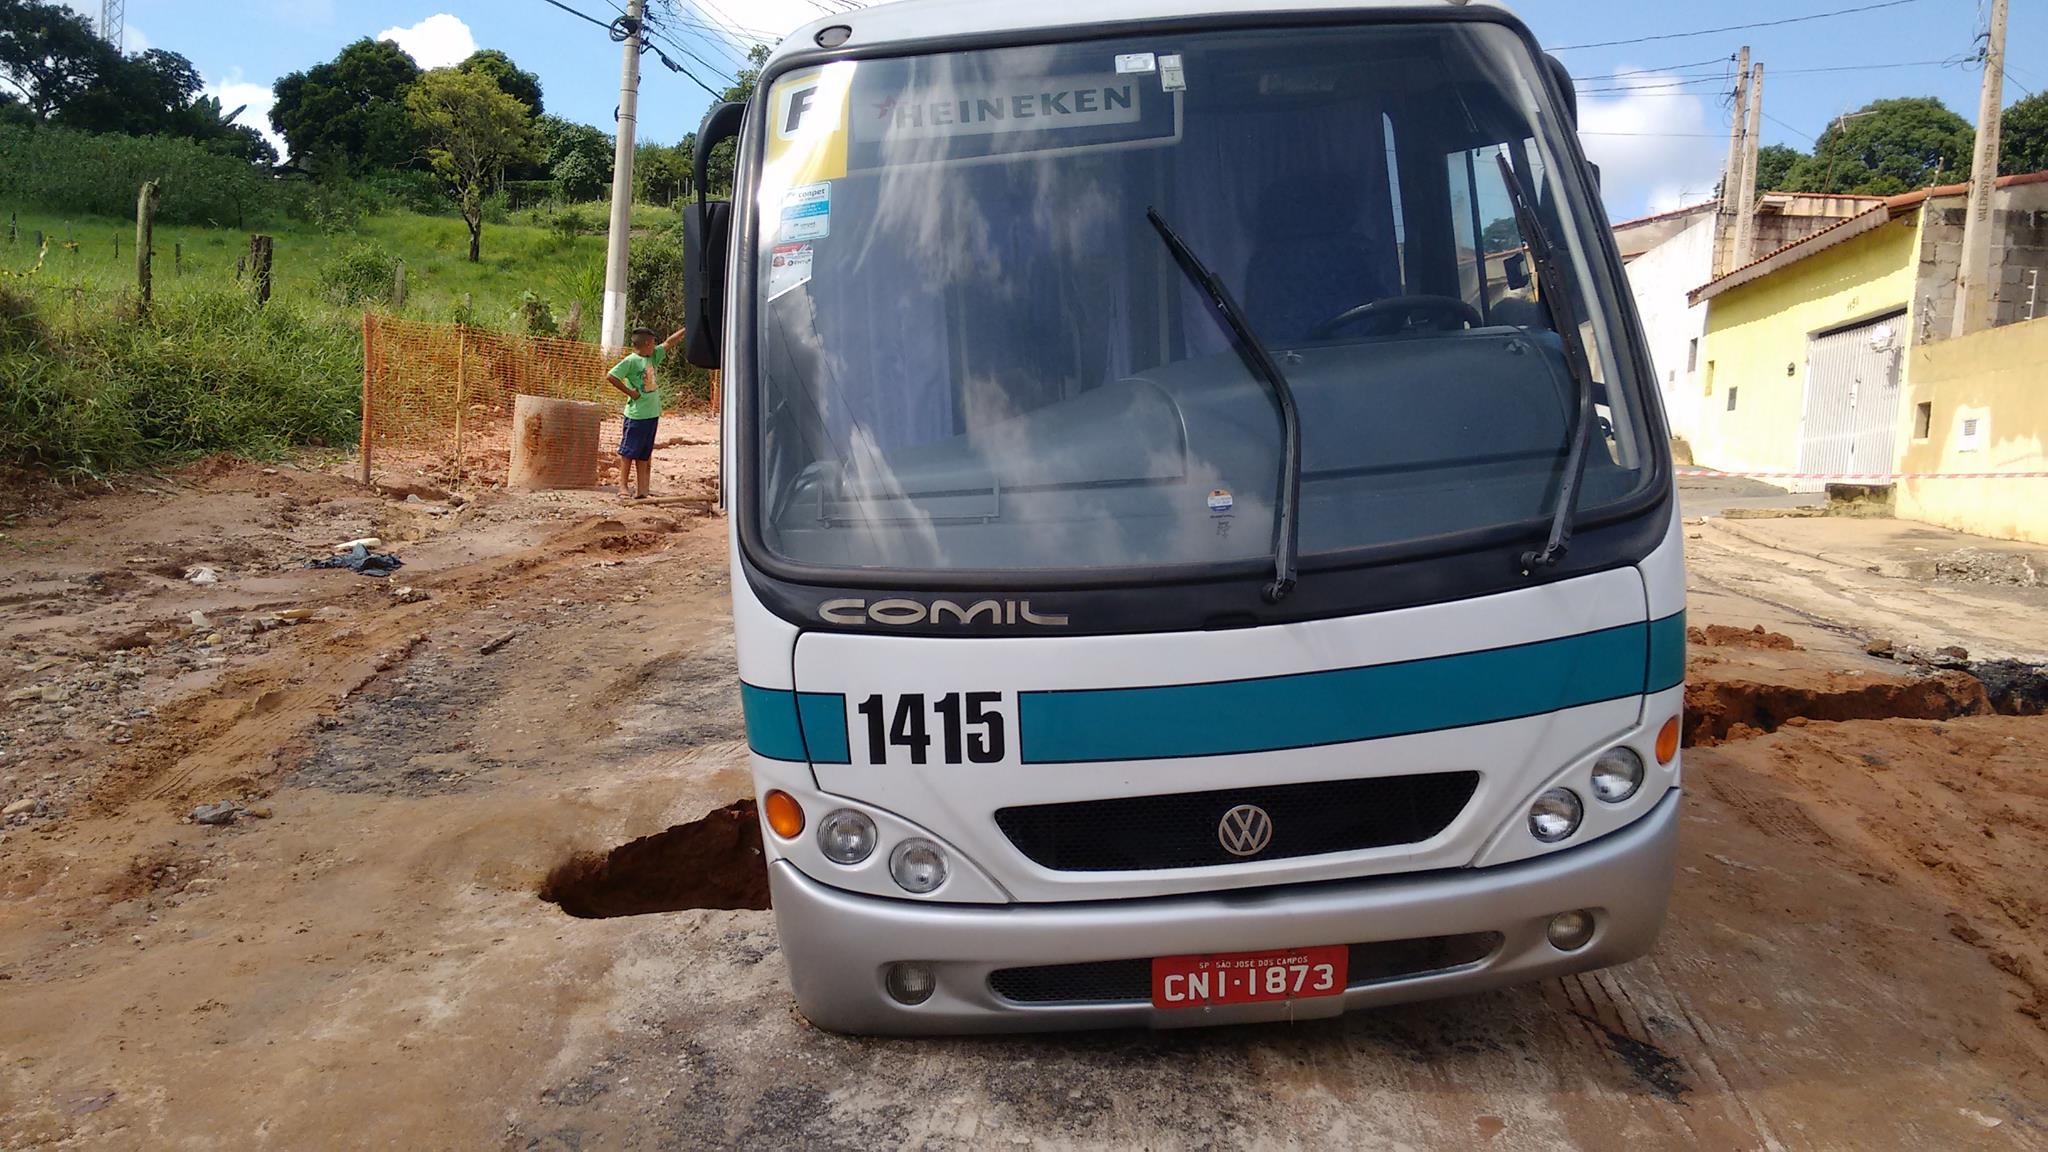 Rua cede e causa acidente de ônibus em Jacareí